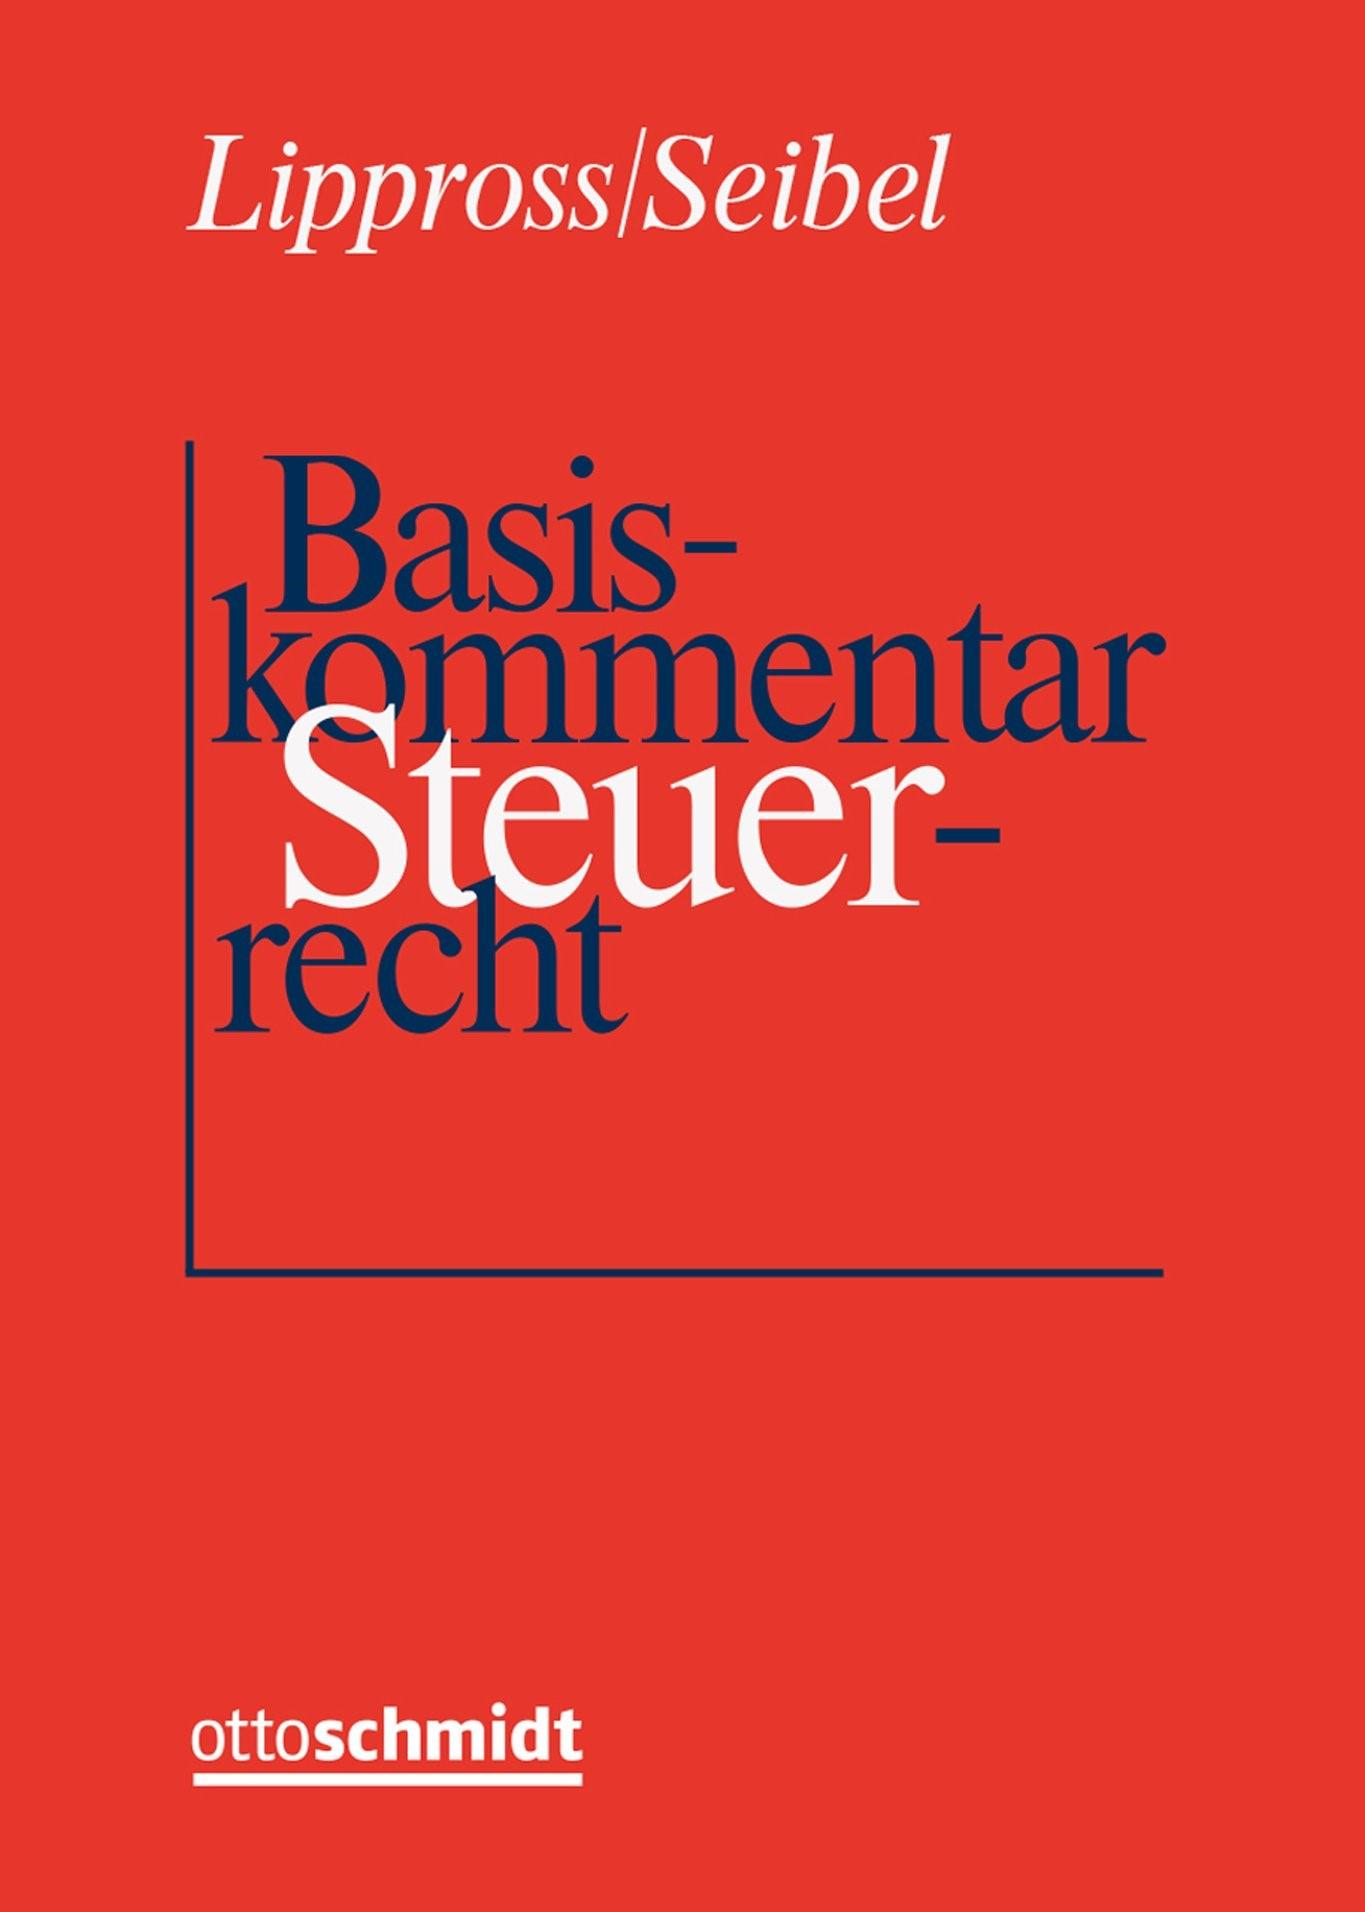 Abbildung von Lippross / Seibel (Hrsg.) | Basiskommentar Steuerrecht • mit Aktualisierungsservice | Loseblattwerk mit 113. Aktualisierung | 2019